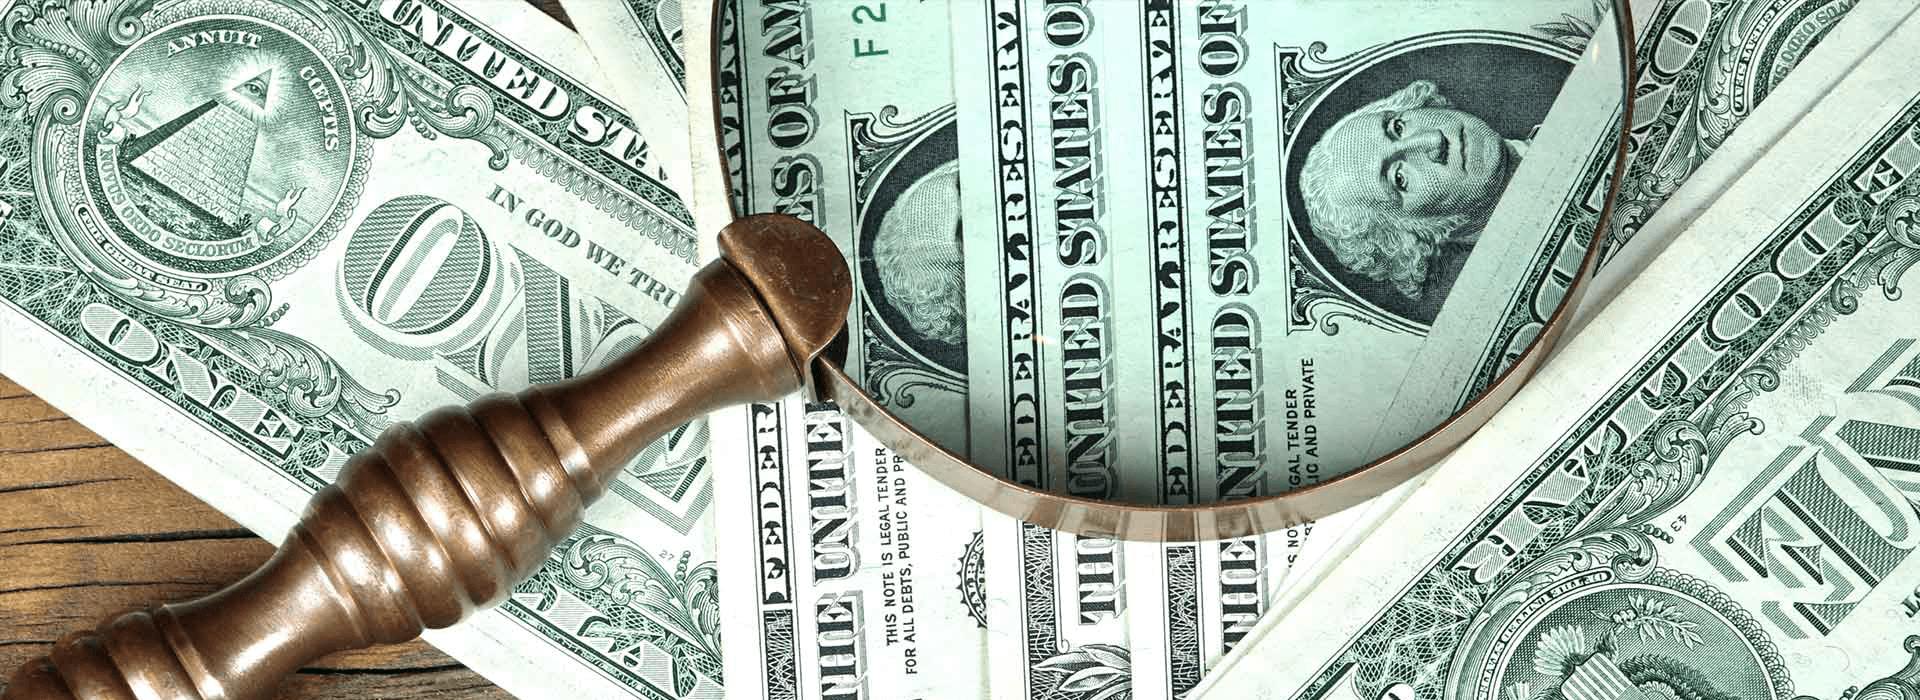 ¿Cuáles son las ventajas y desventajas de dolarizar una economía?